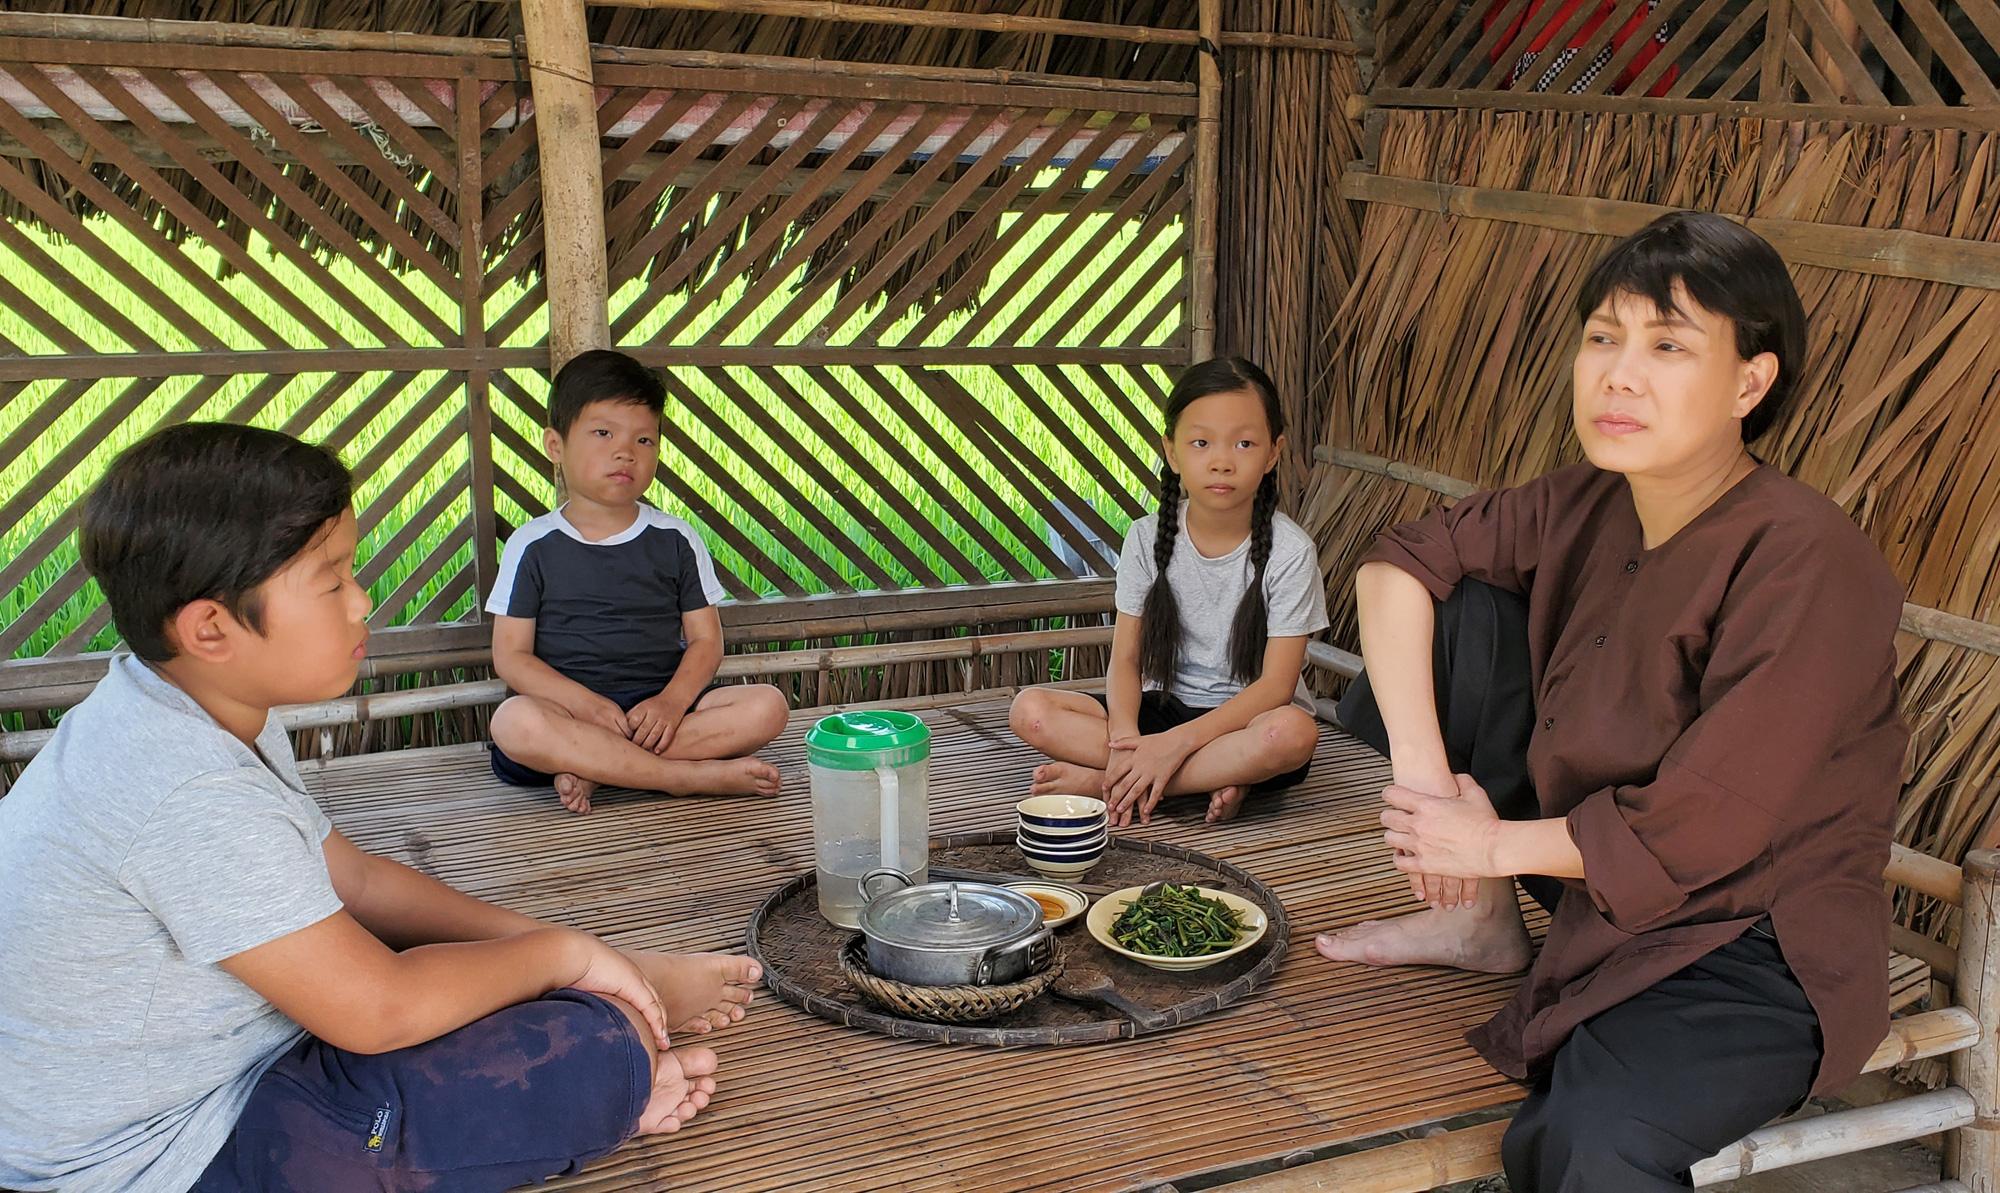 Sau phim tiền tỷ thất bại, Việt Hương: Tôi không thông minh, rất khó tính ngoài đời-2